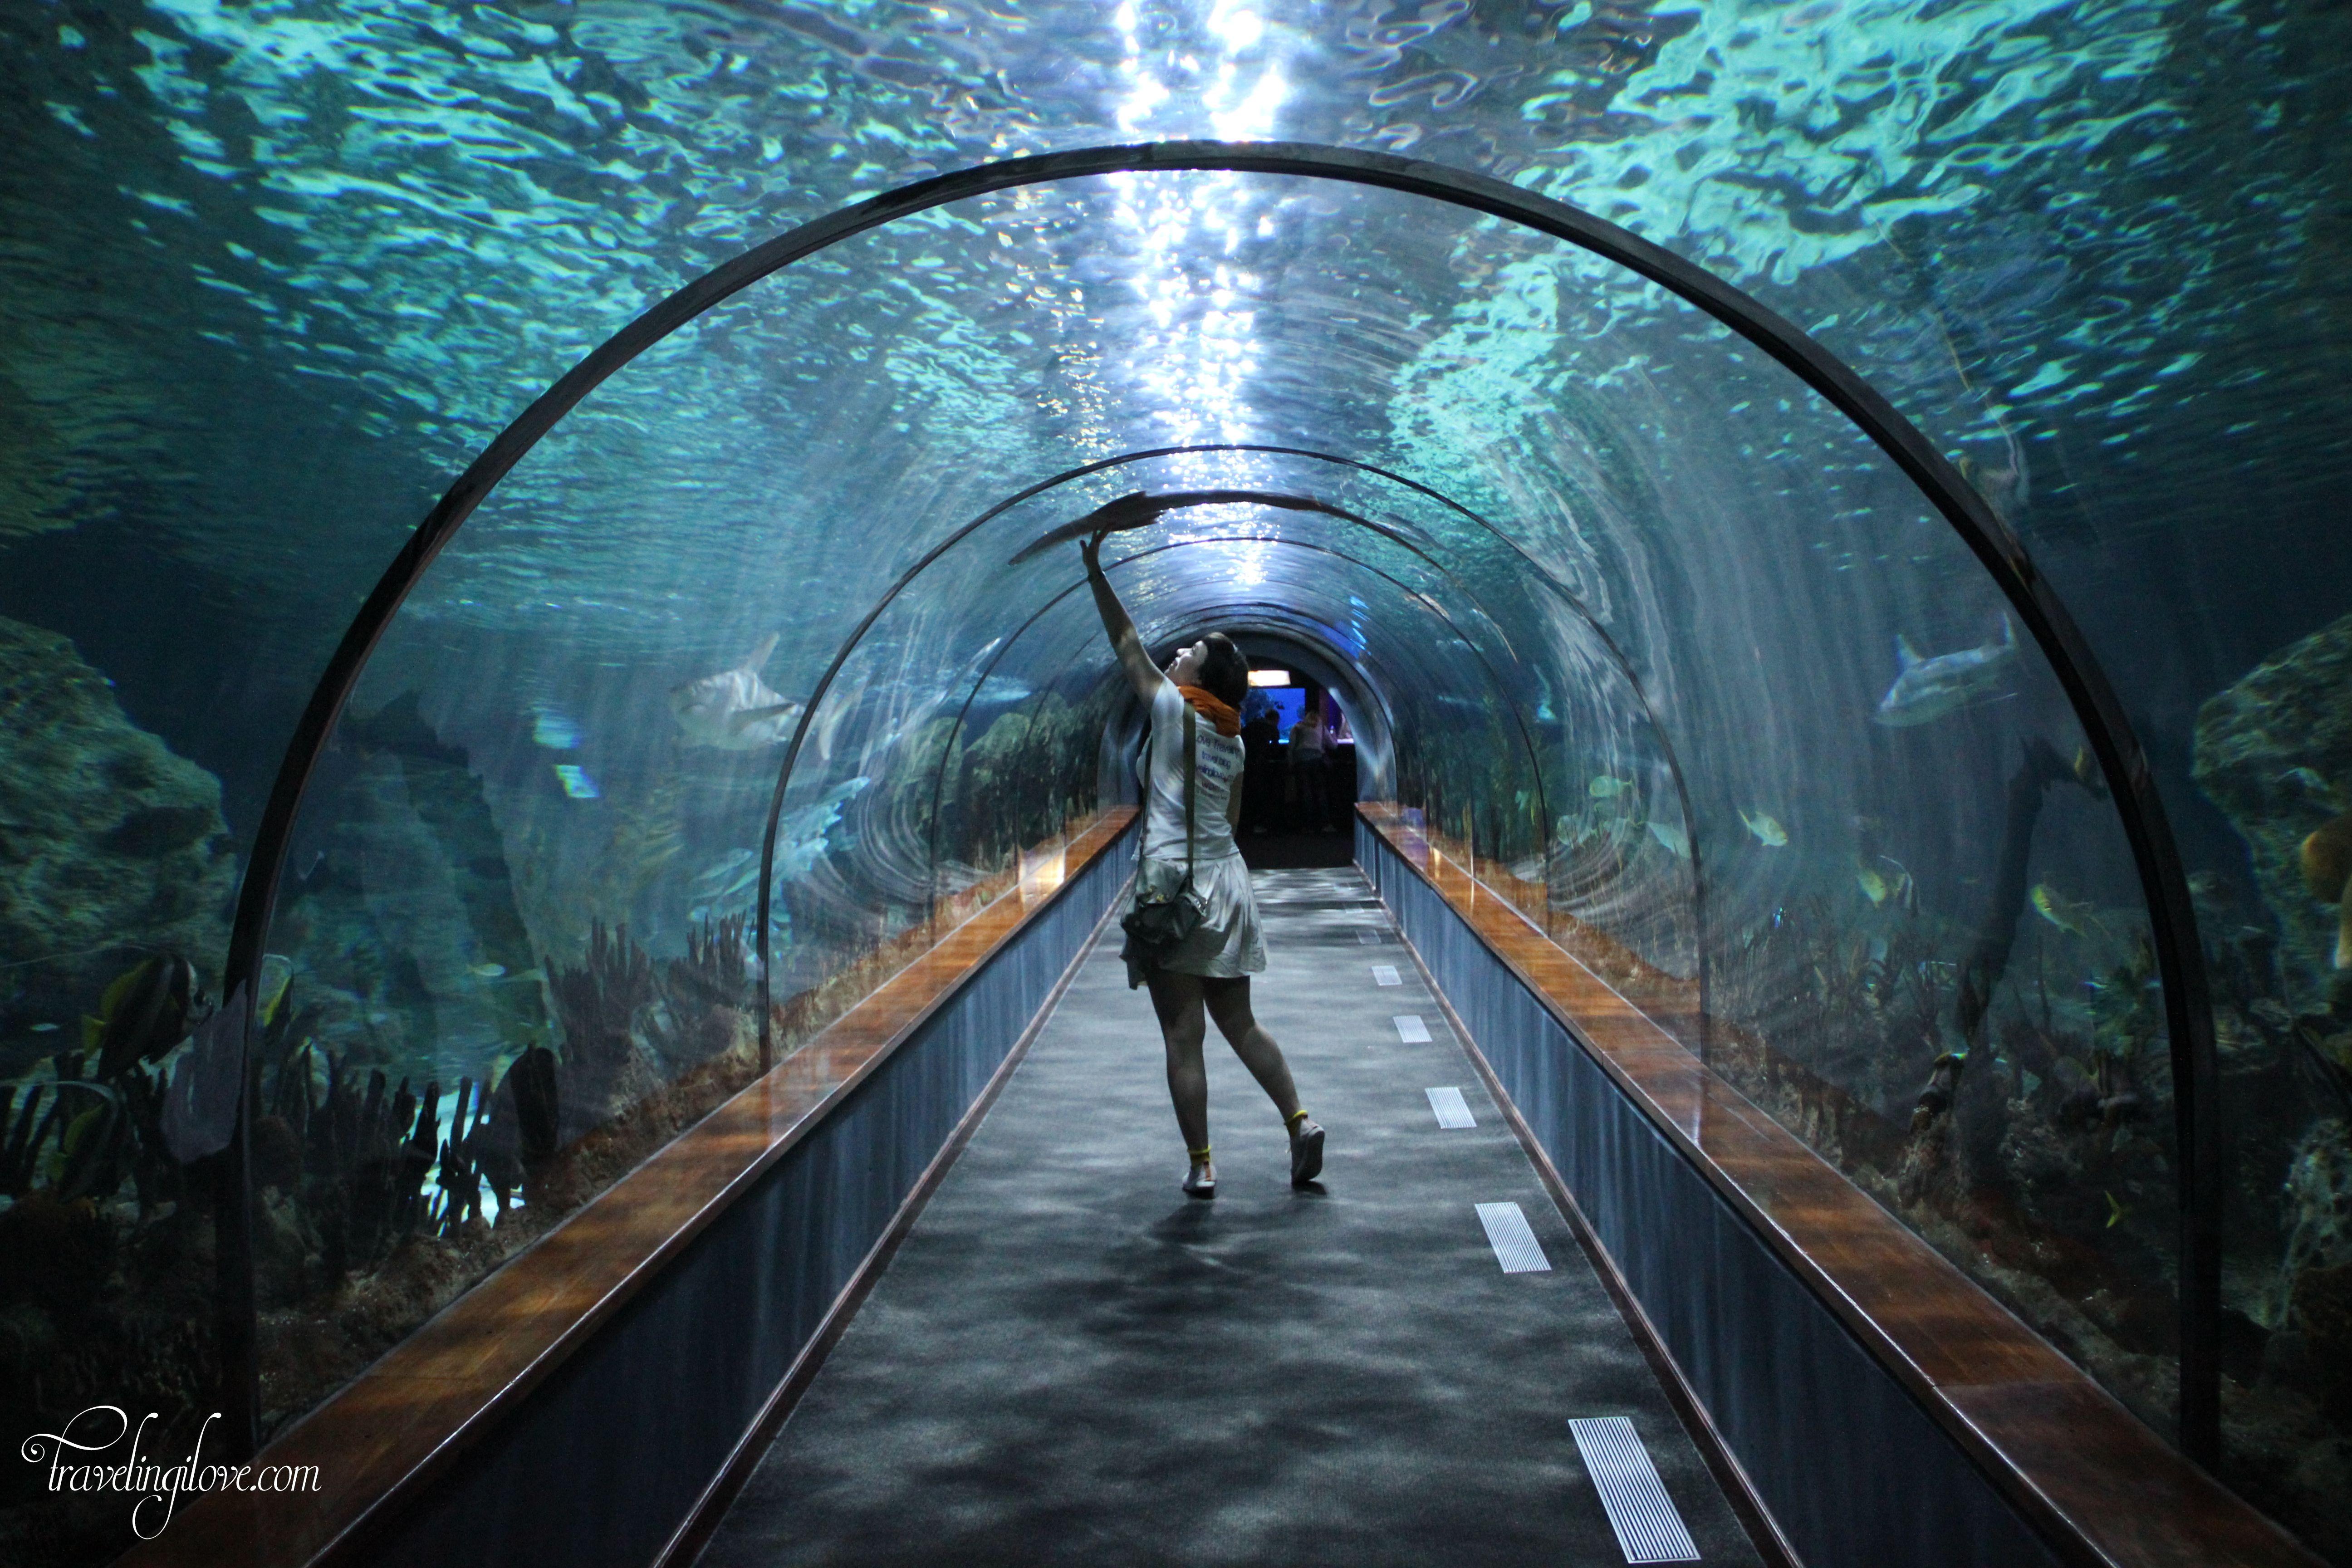 Loro Parque Aquarium Tenerife Travelingilove Practical Travel Cultural Destinations Travel Blog